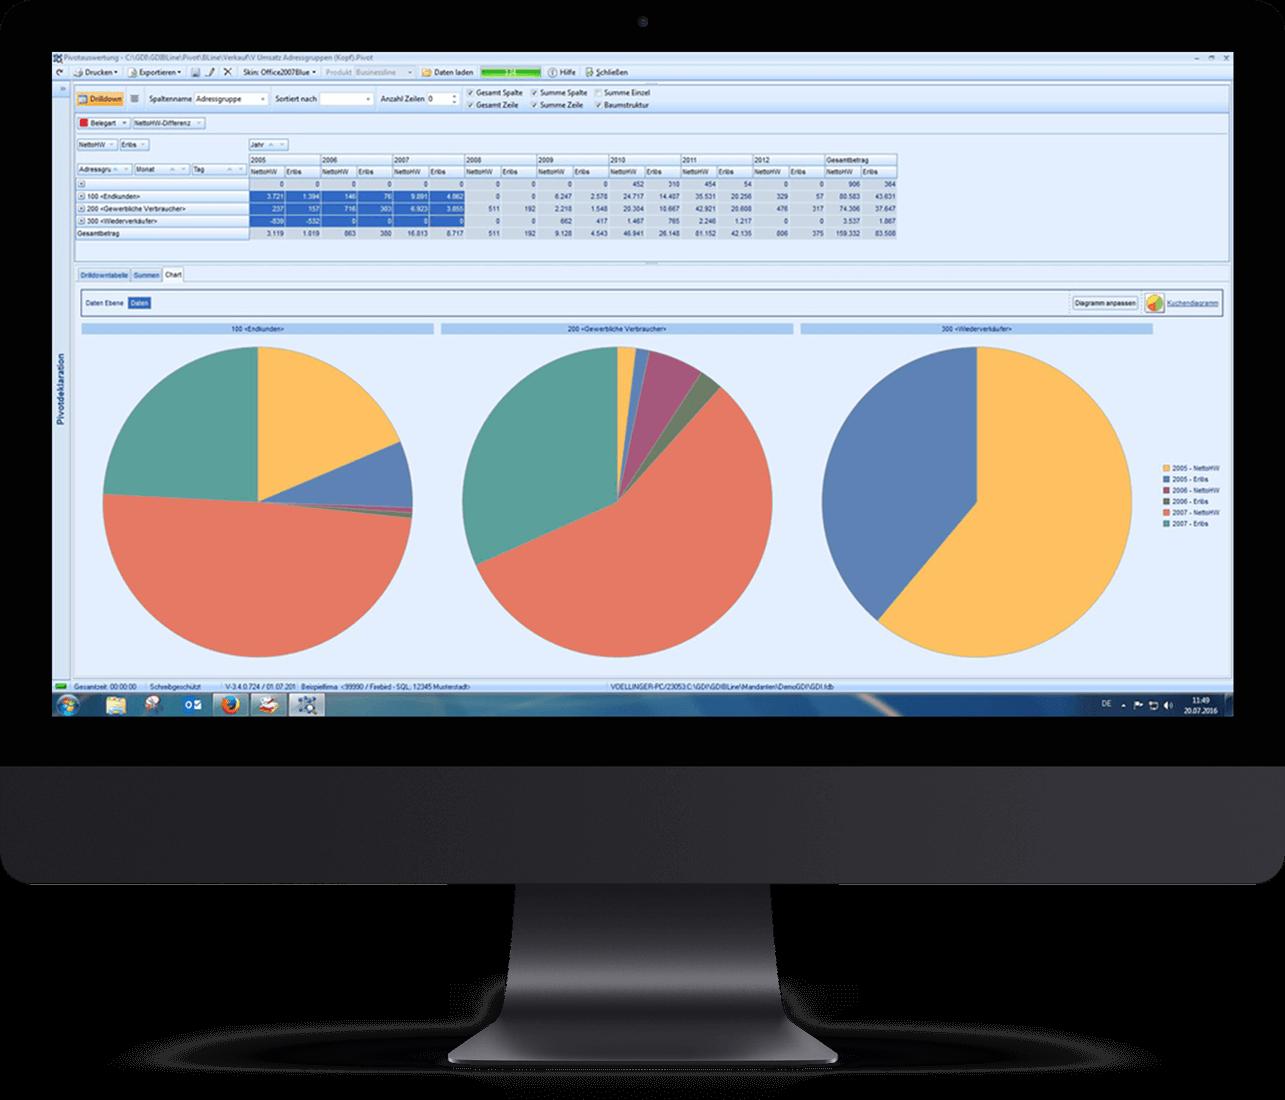 Mehrdimensionale Datenanalyse für Ihre Warenwirtschaft - operative Daten in Form gebracht